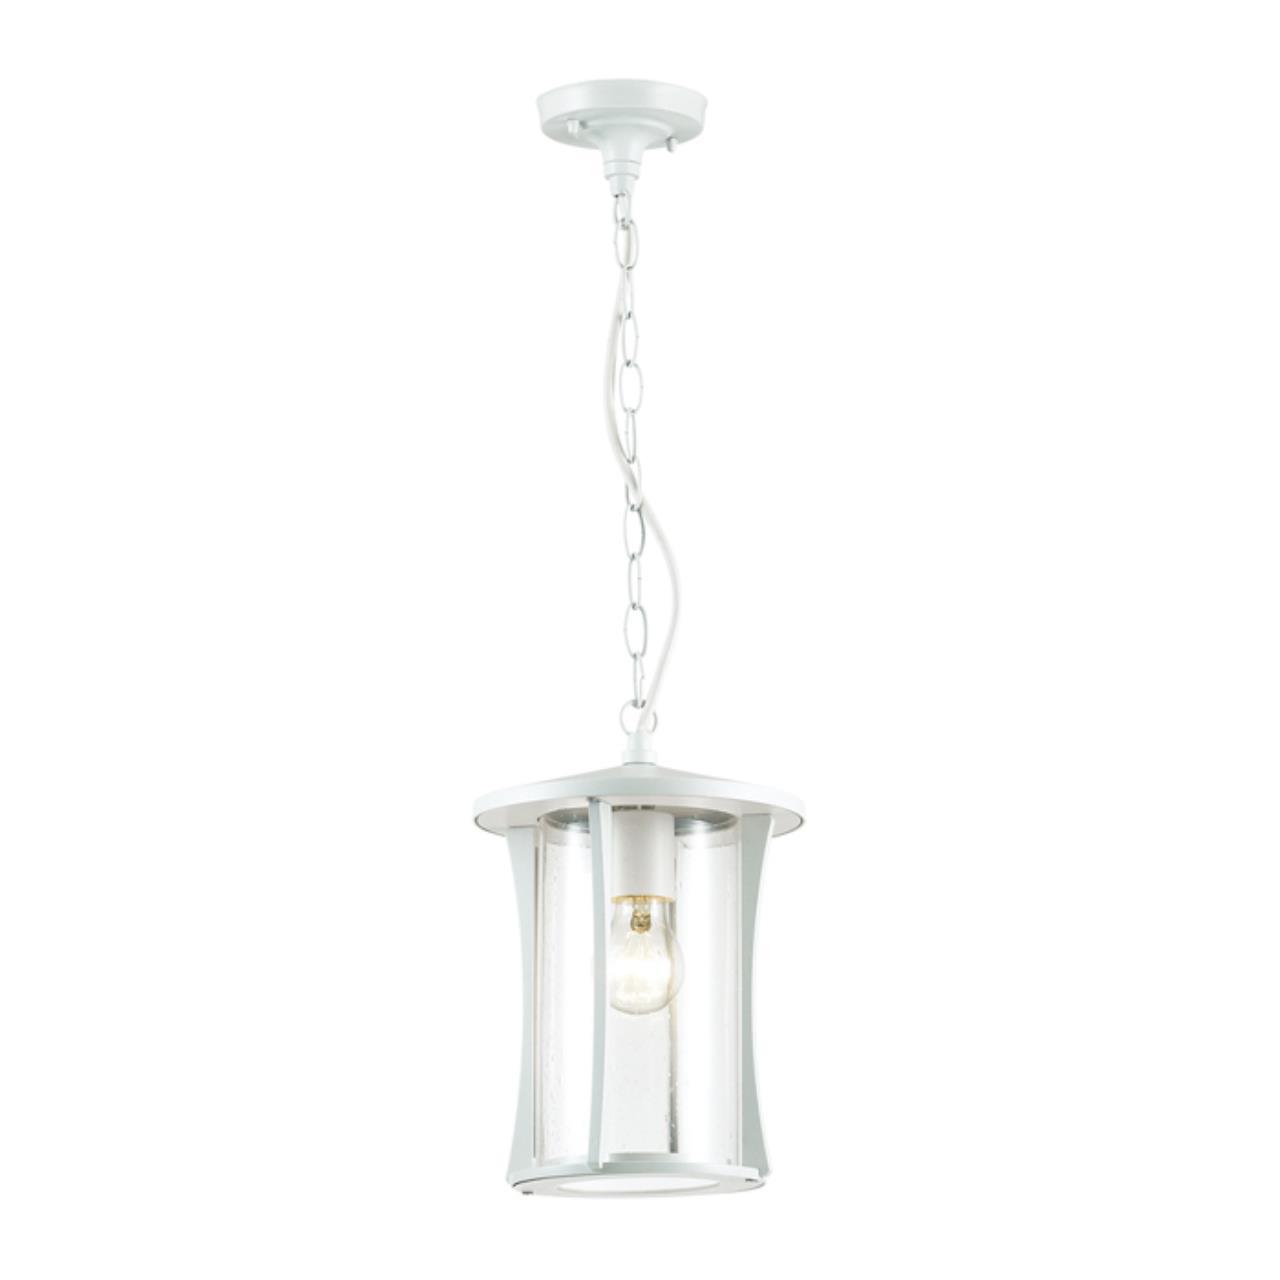 4173/1 NATURE ODL19 698 белый/прозрачный Уличный светильник-подвес IP44 E27 1*40W GALEN